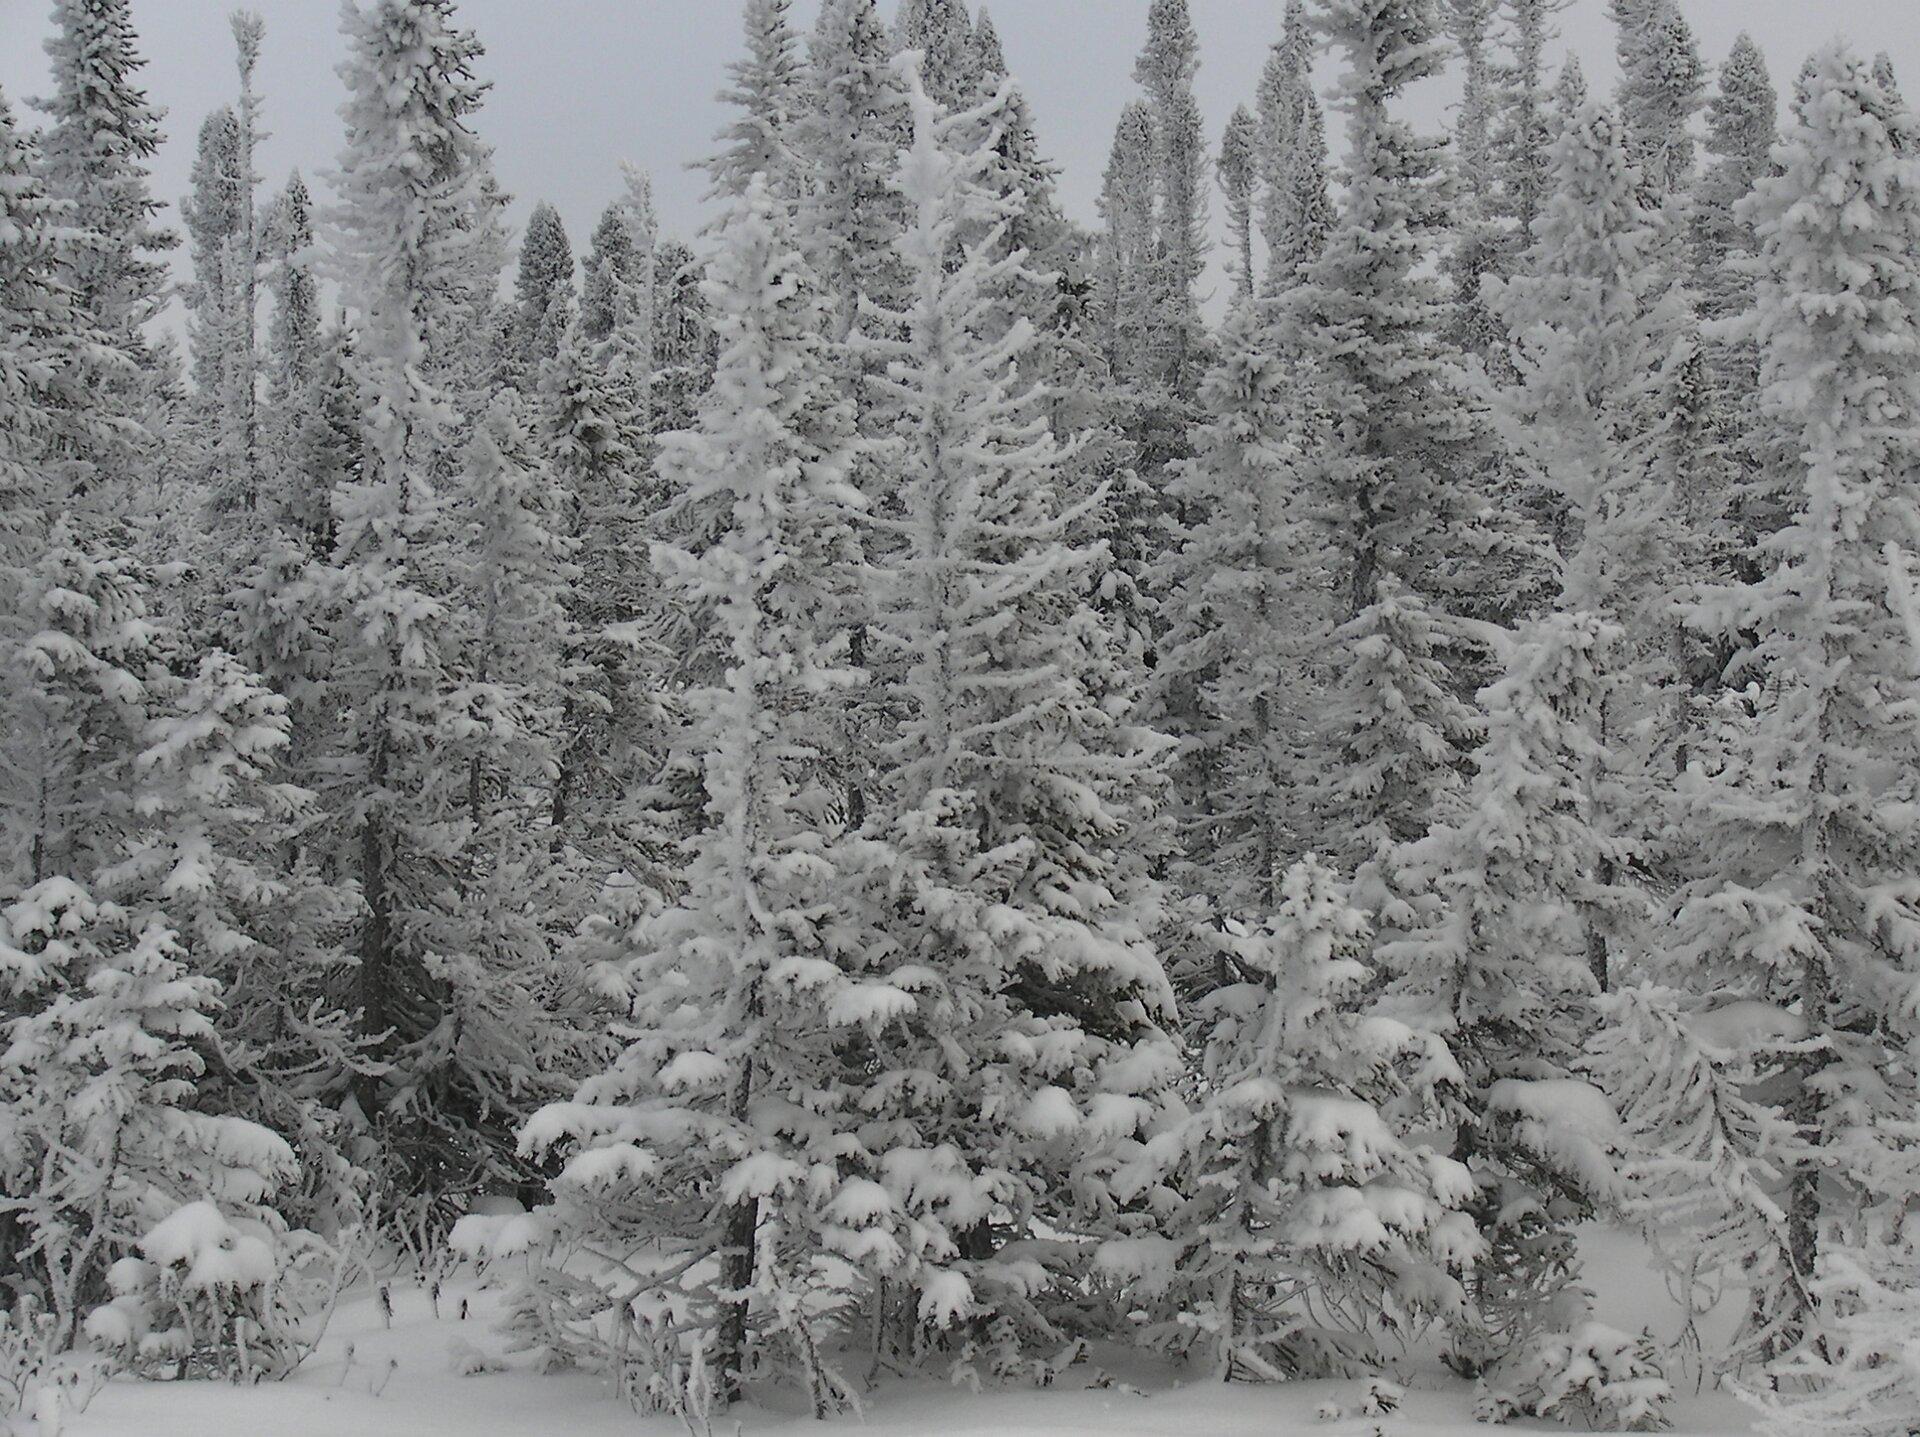 Fotografia prezentuje las świerkowy pokryty śniegiem.